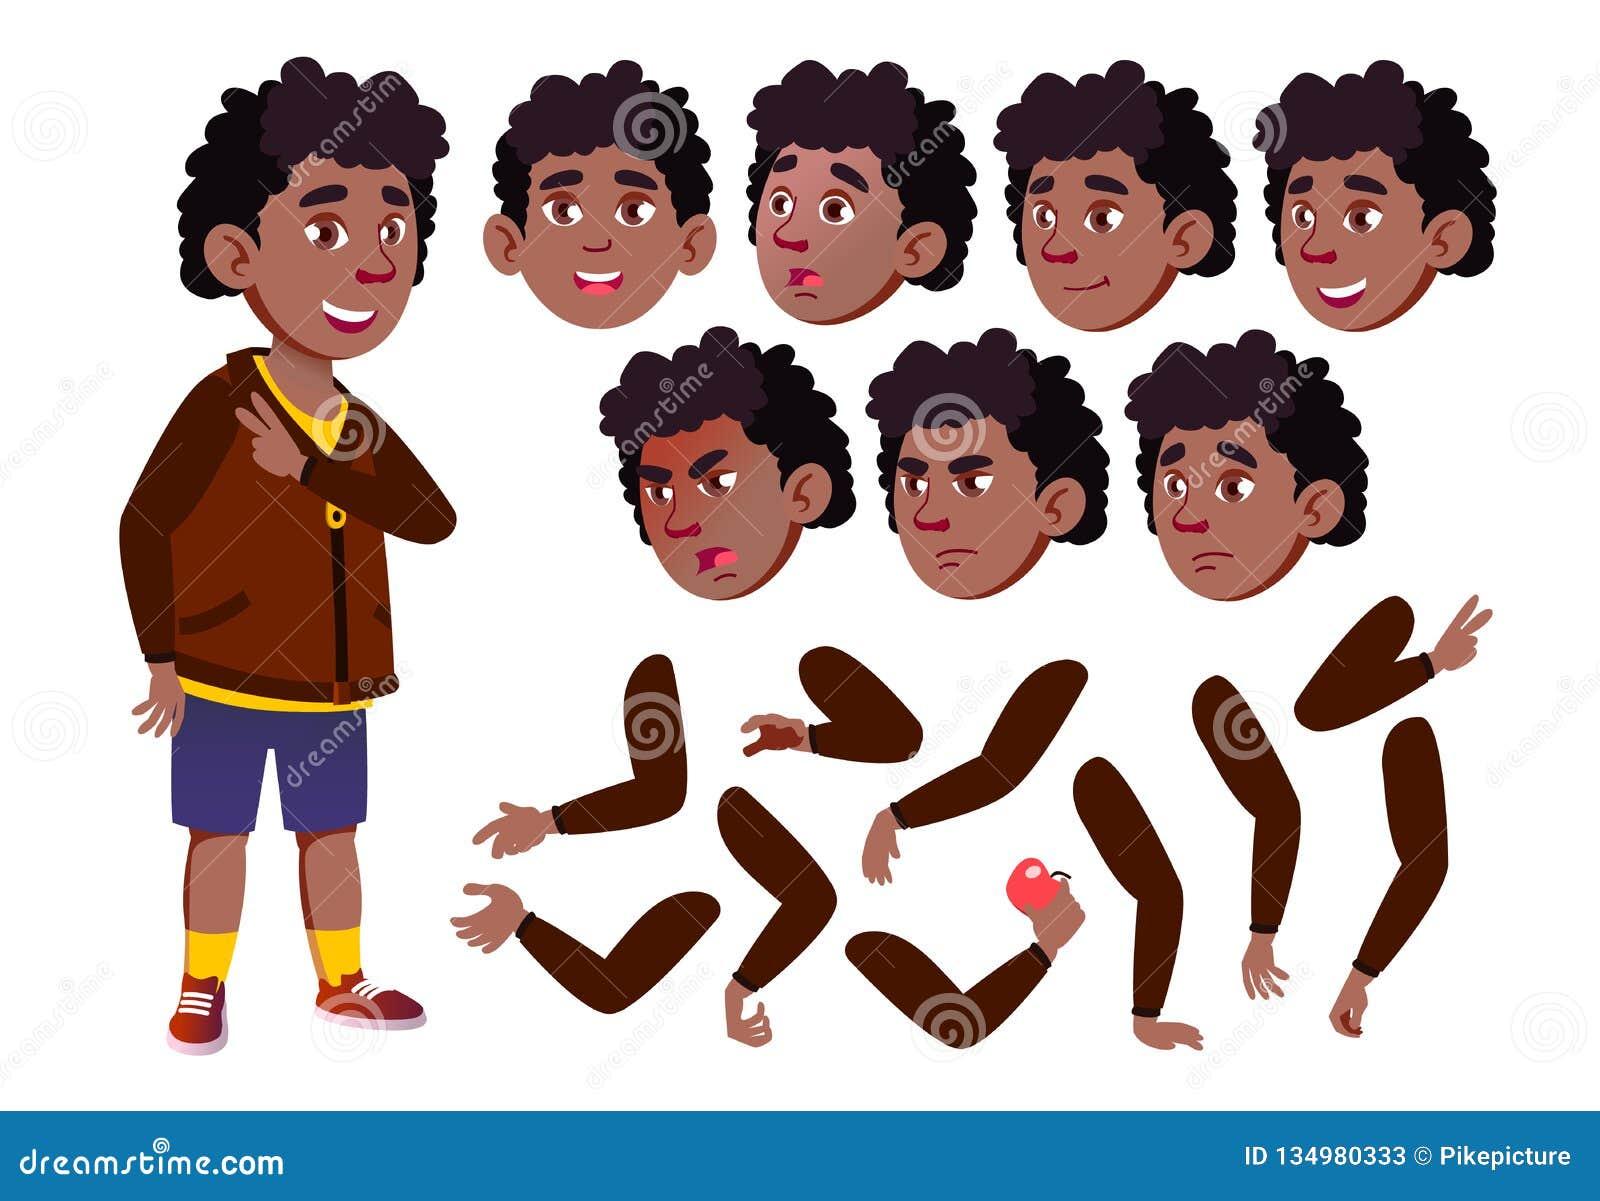 青少年的男孩传染媒介 少年 投反对票 美国黑人 相当,青年时期 面孔情感,各种各样的姿态 动画创作集合